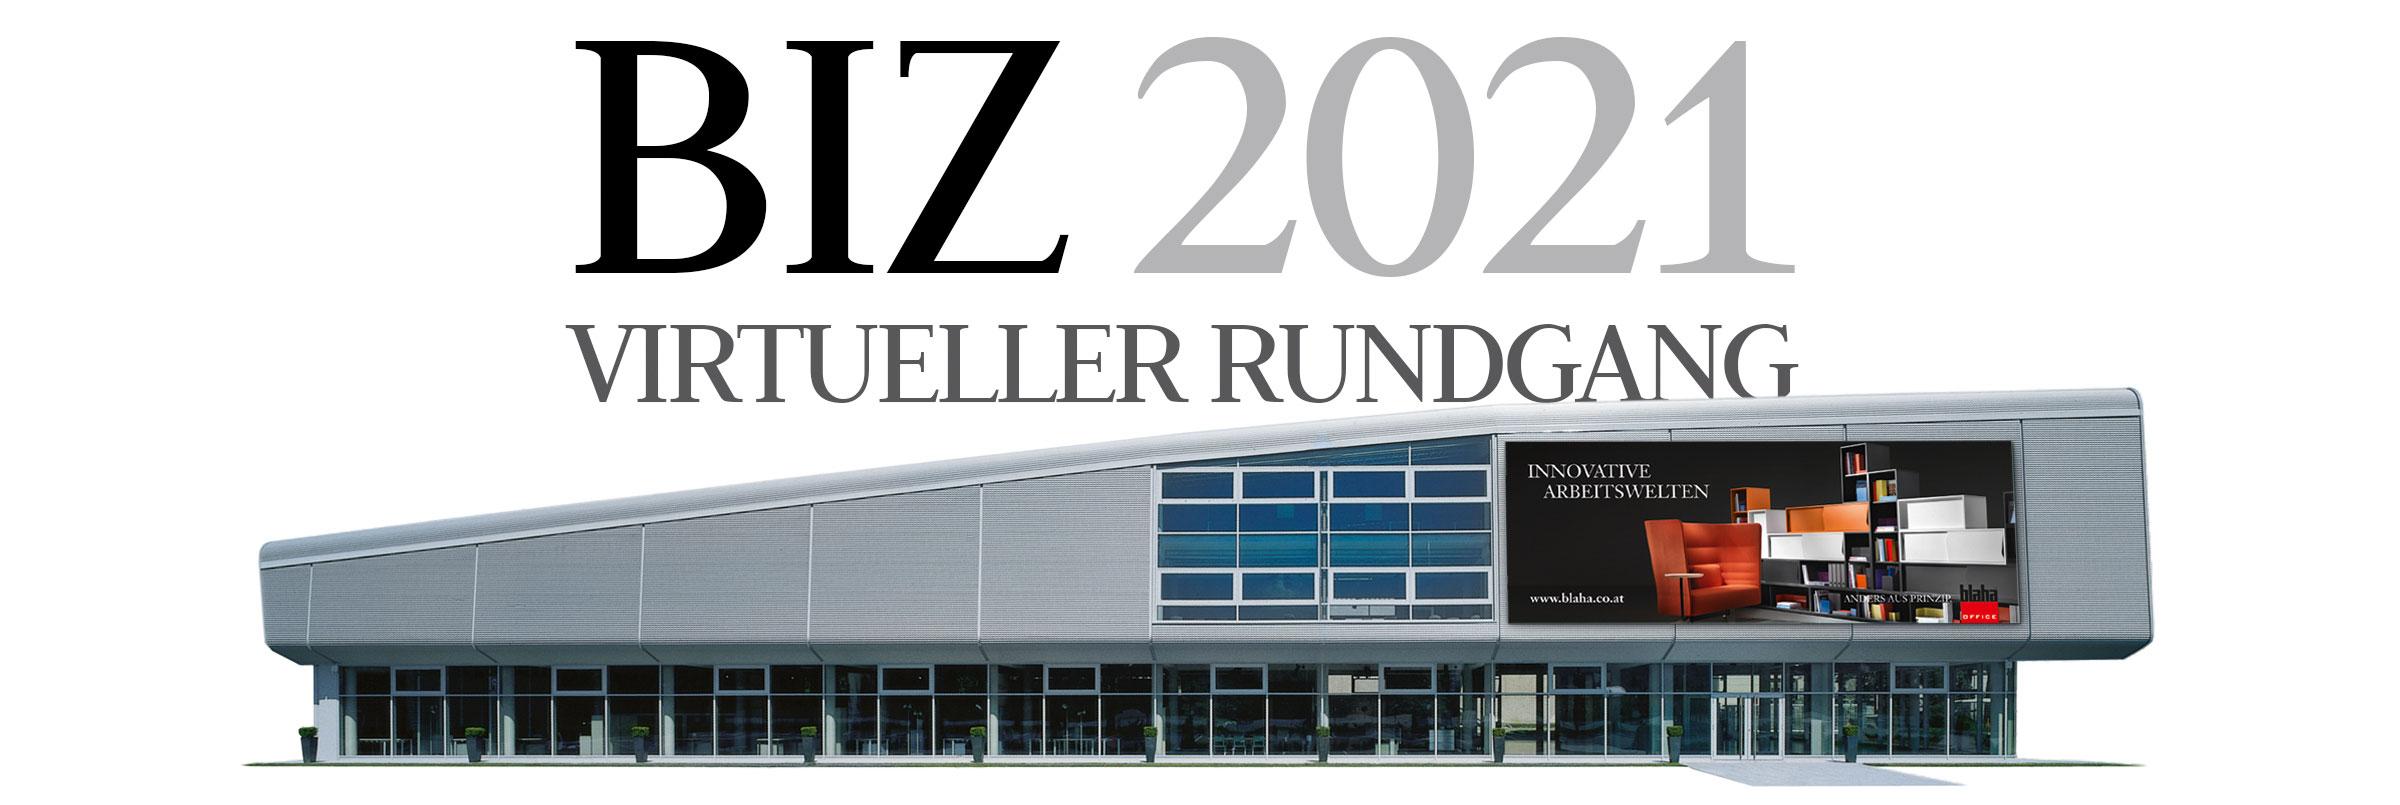 biz 2021 virtueller rundgang